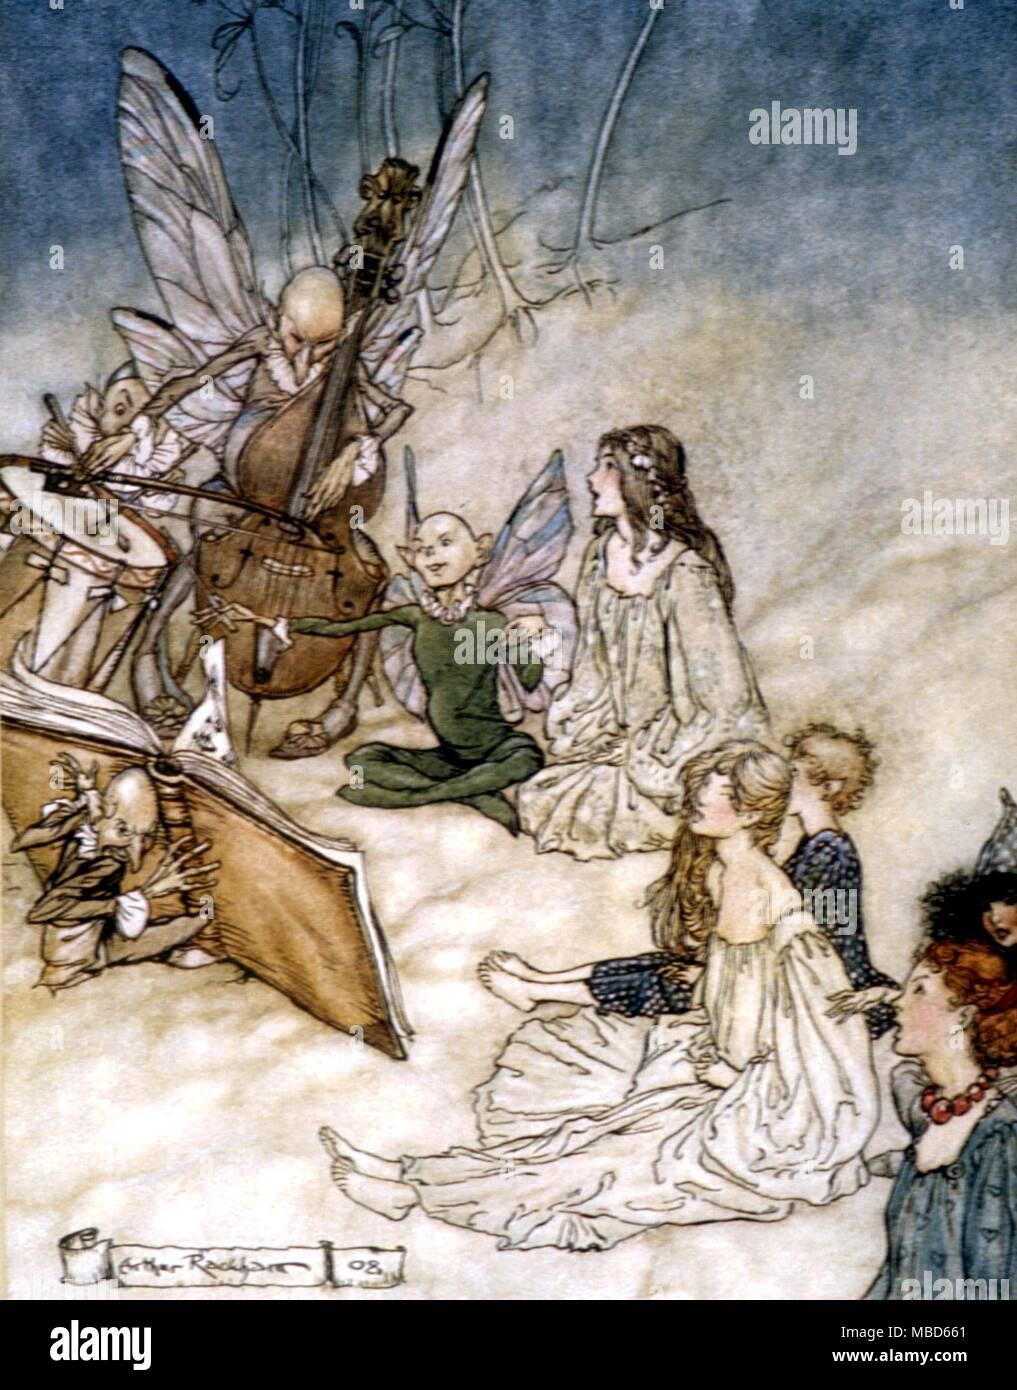 Illustration Conte De Fée contes de fées - songe d'une nuit - et une fée chanson. illustration